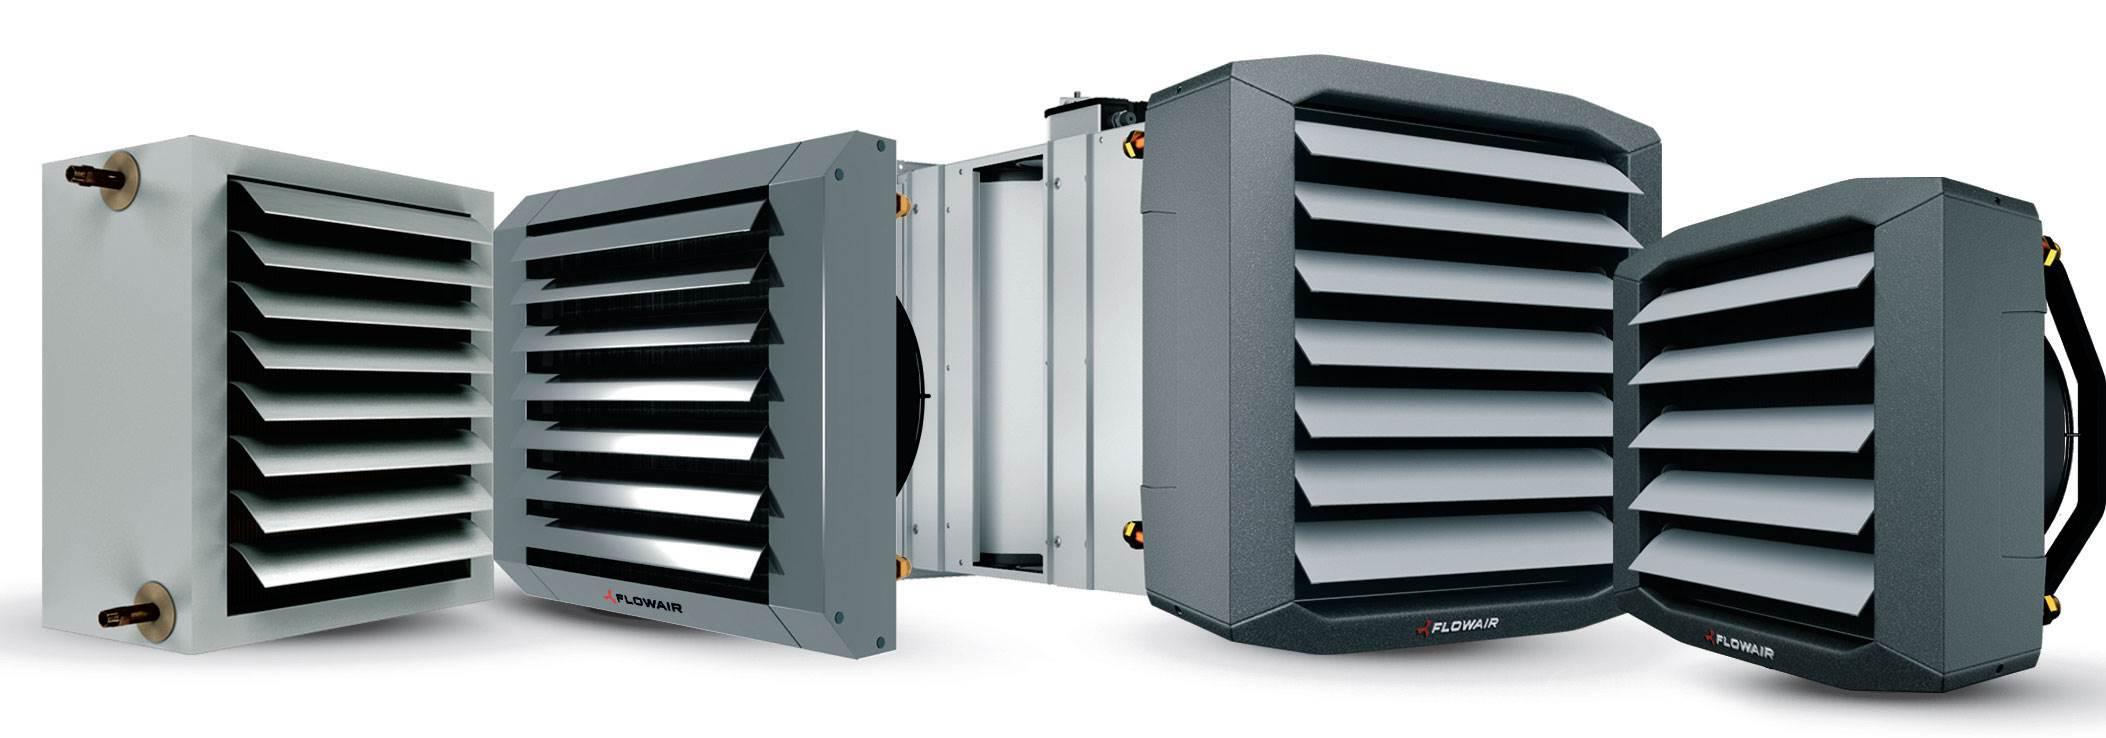 Fot. 2. Nagrzewnice wodne LEO mogą współpracować z dowolnymi źródłami ciepła, jedynym ograniczeniem jest maks. temperatura czynnika grzewczego, która w zależności od modelu urządzenia może sięgać nawet 130 st. C. Fot. Flowair